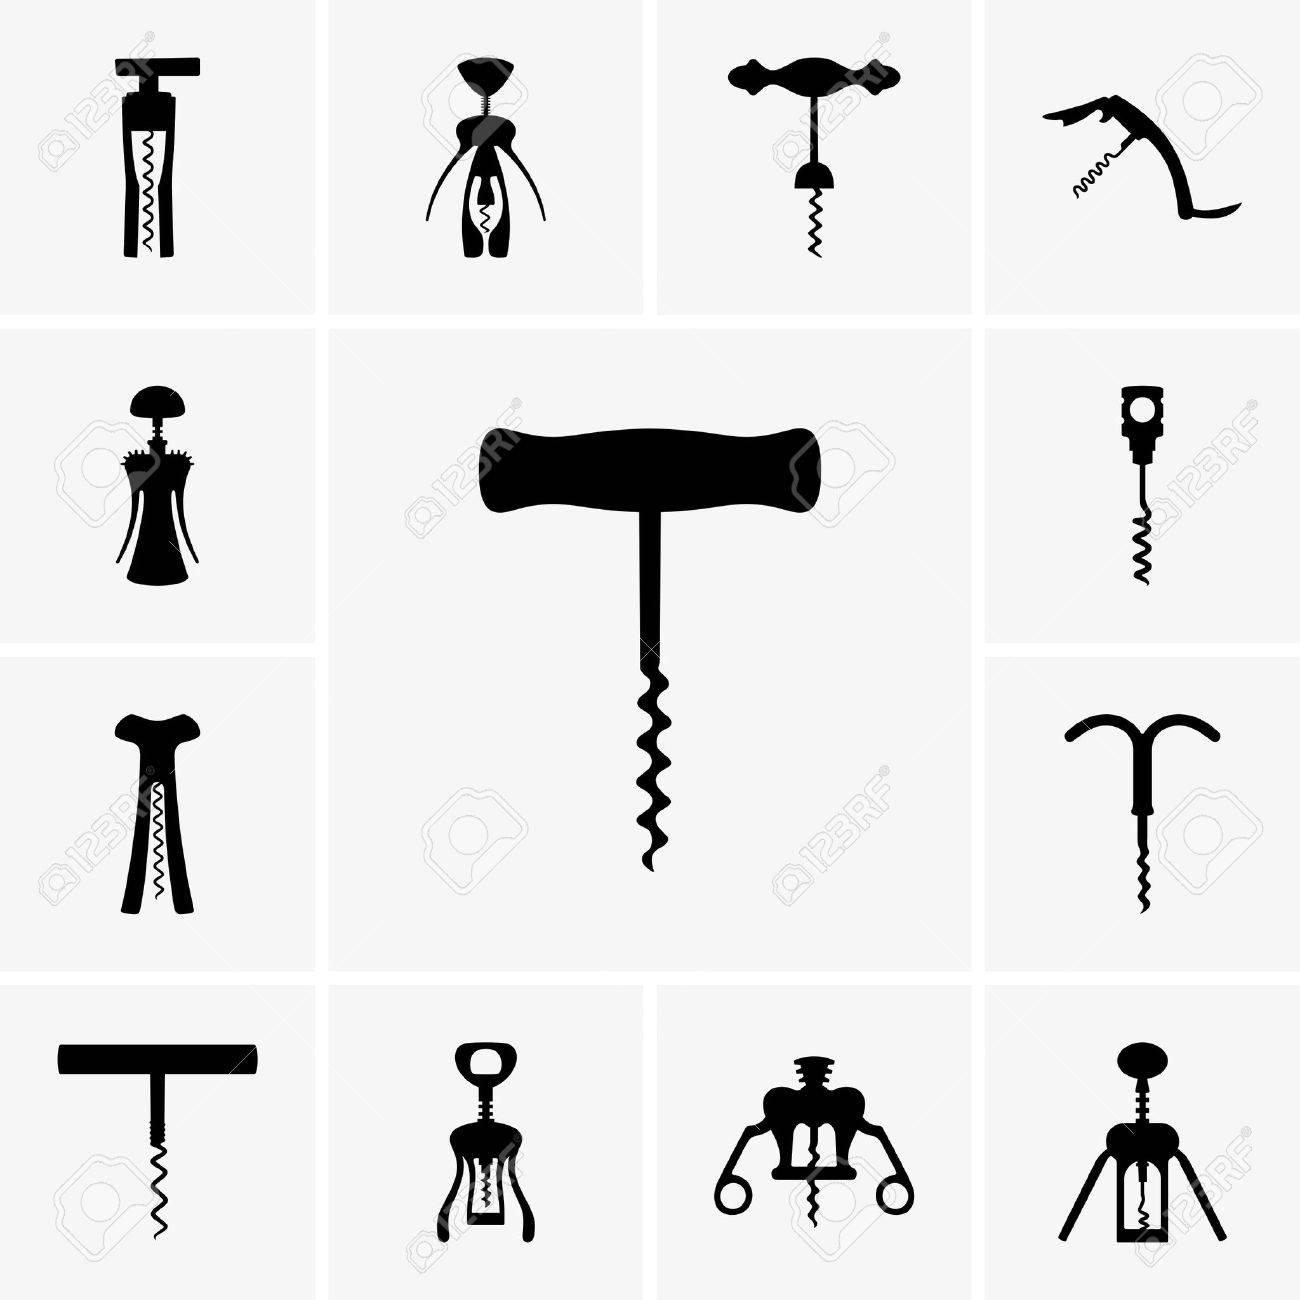 Set of corkscrew icons - 22866381